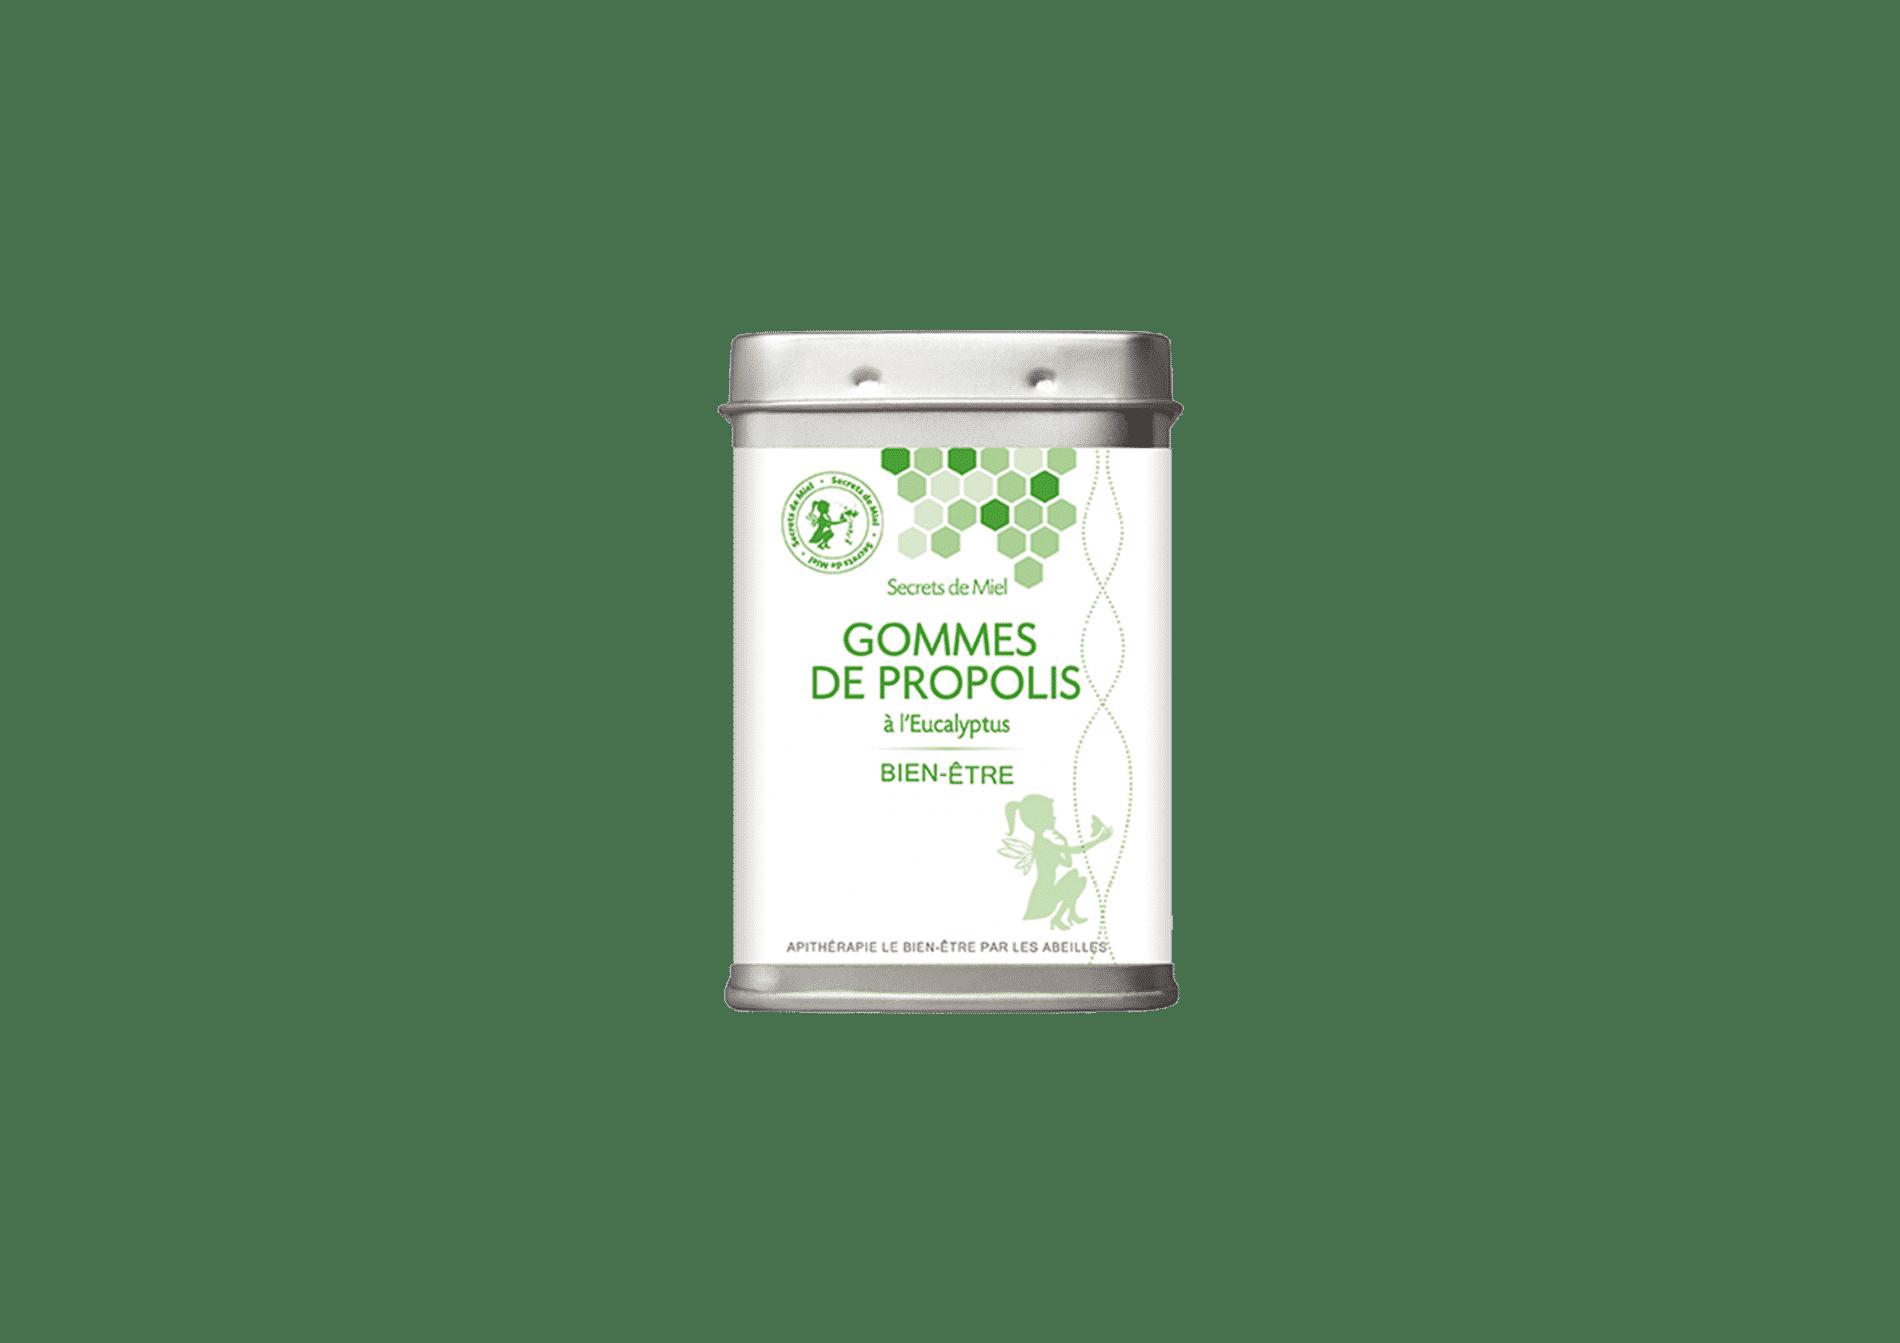 gommes à la propolis - toux - rhumes - hiver - microbes - produits naturels - bien-être - santé - Secrets de Miel